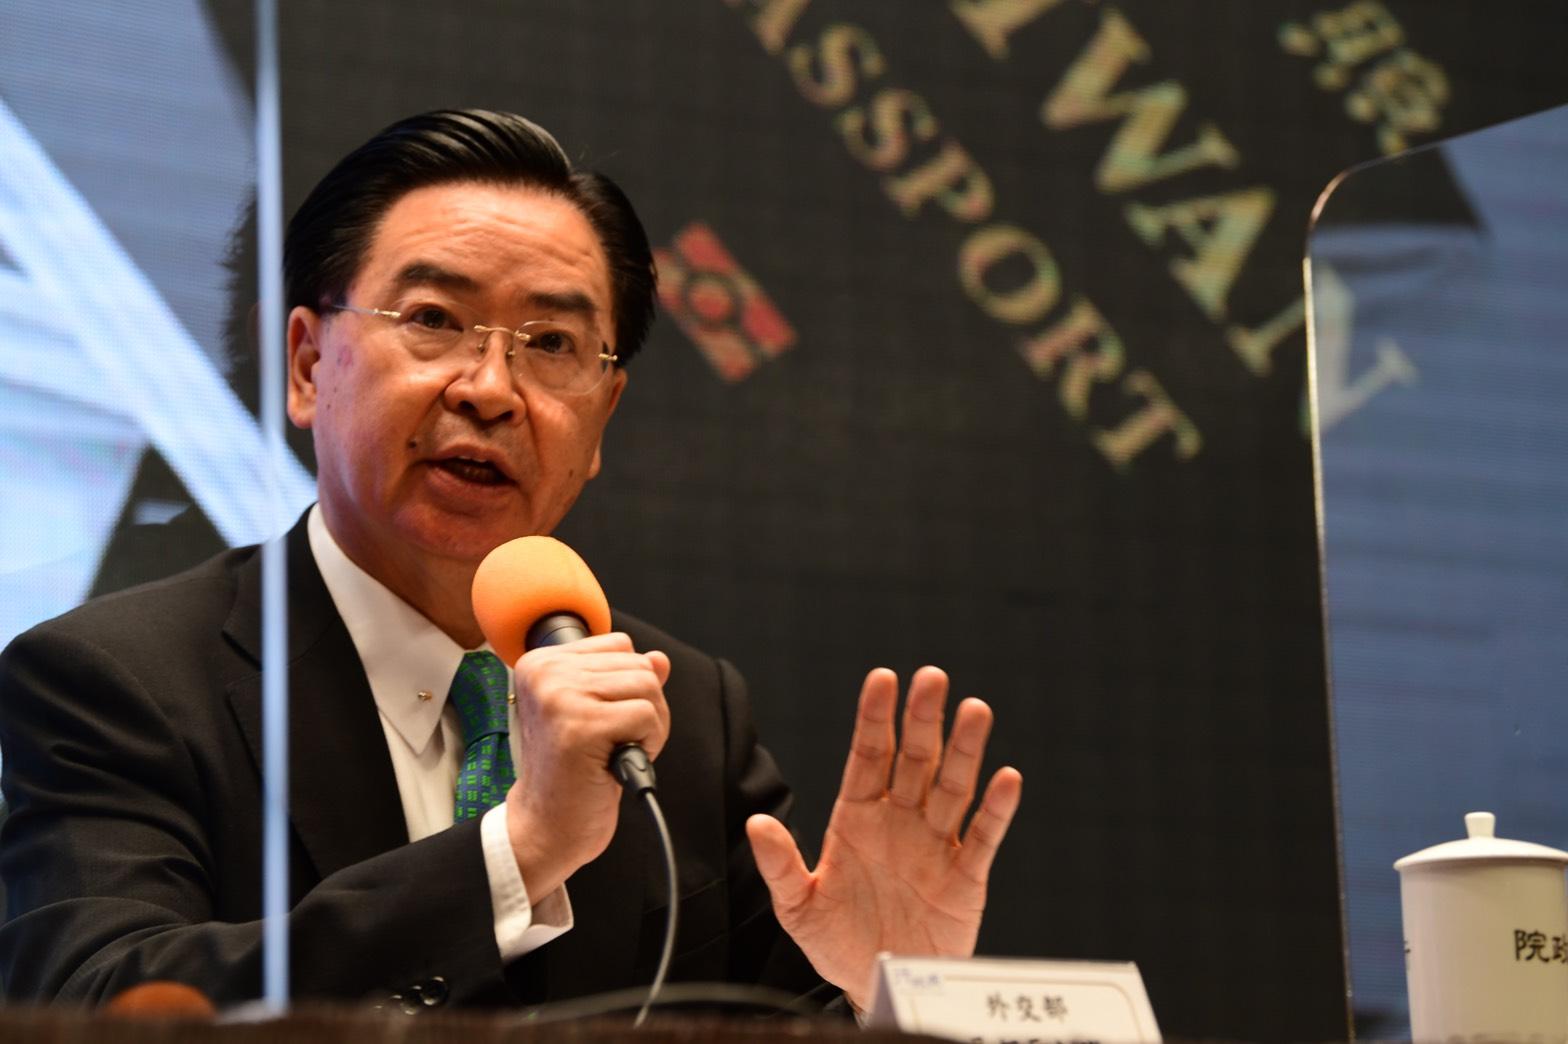 台外交部長談中共威脅:台灣是民主前線